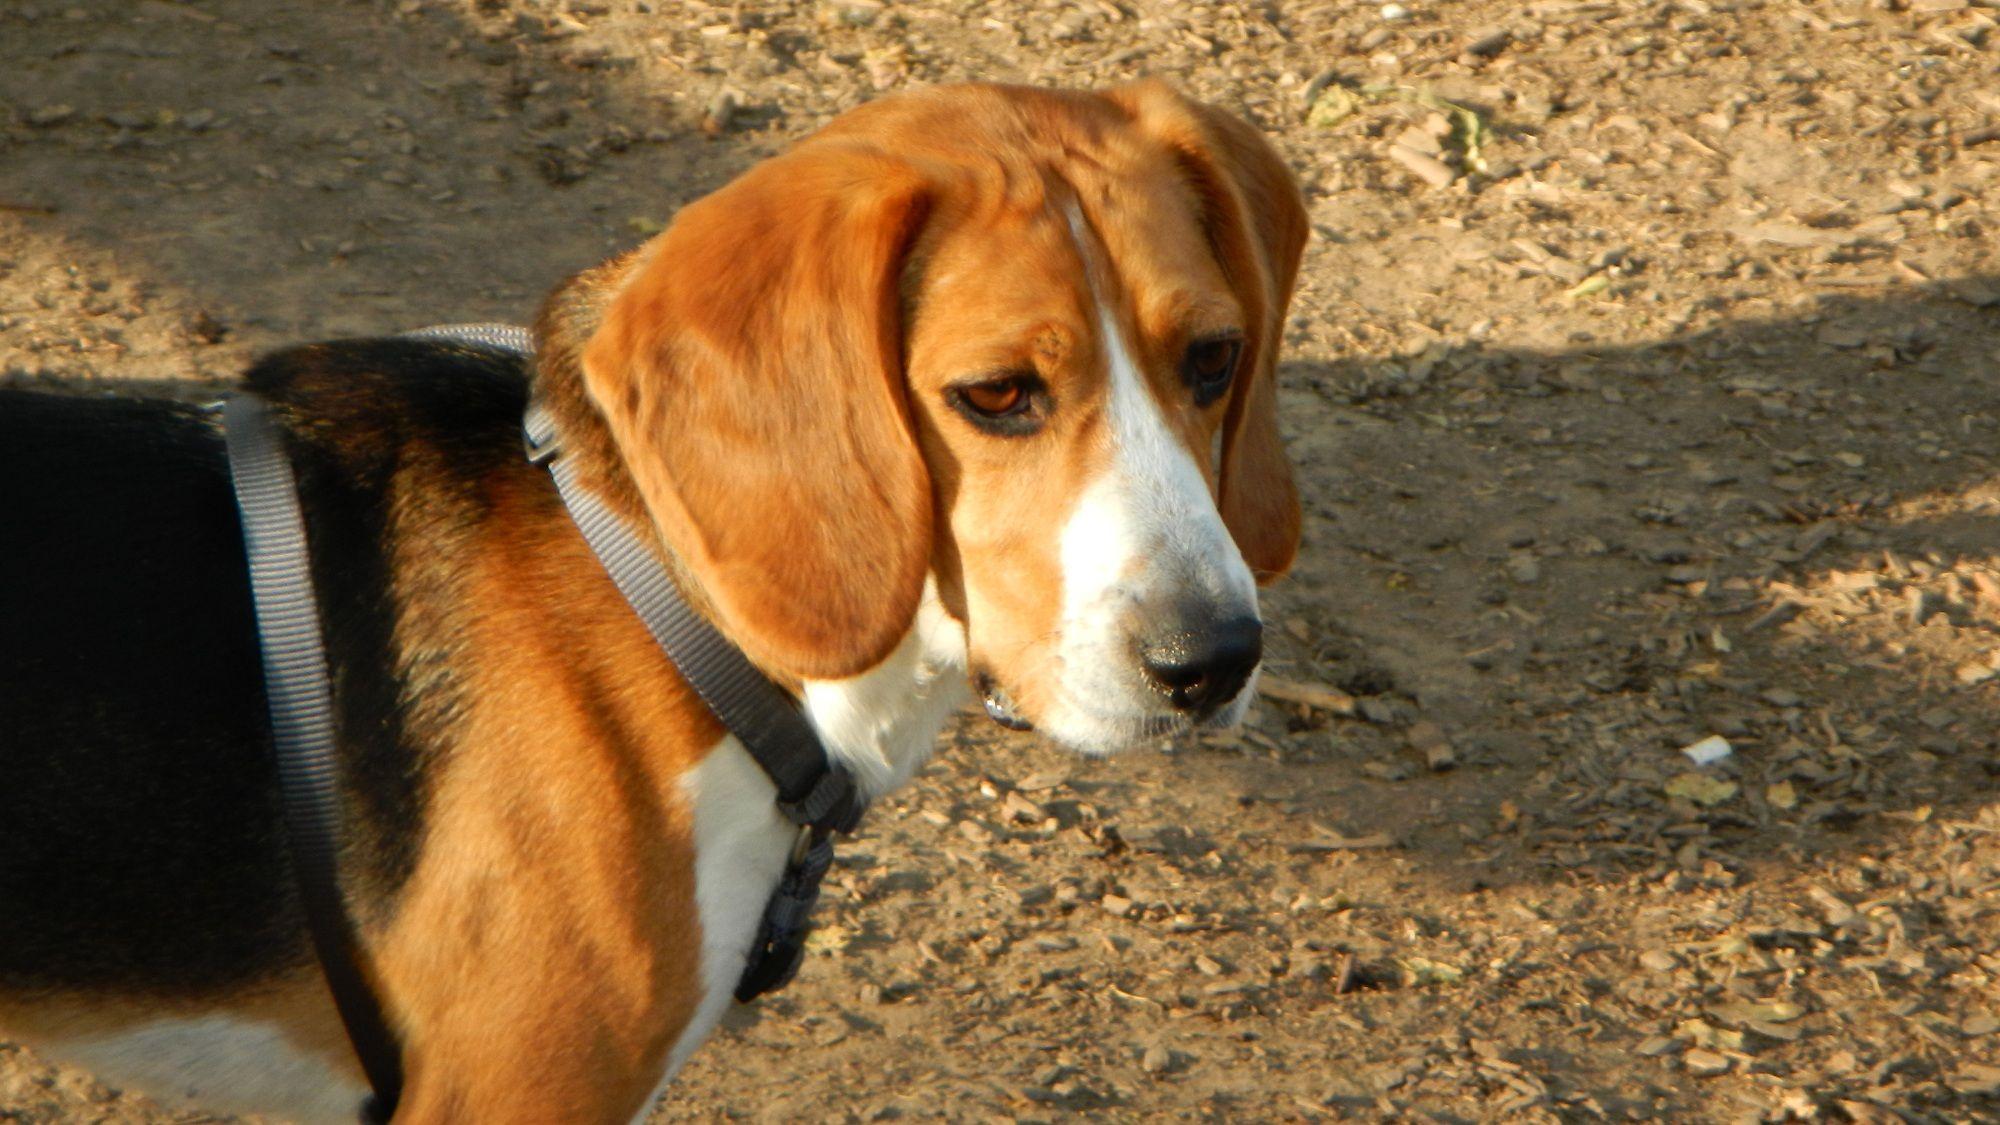 Goose Beagle X Basset Hound Pets Photo Contest Casting Call